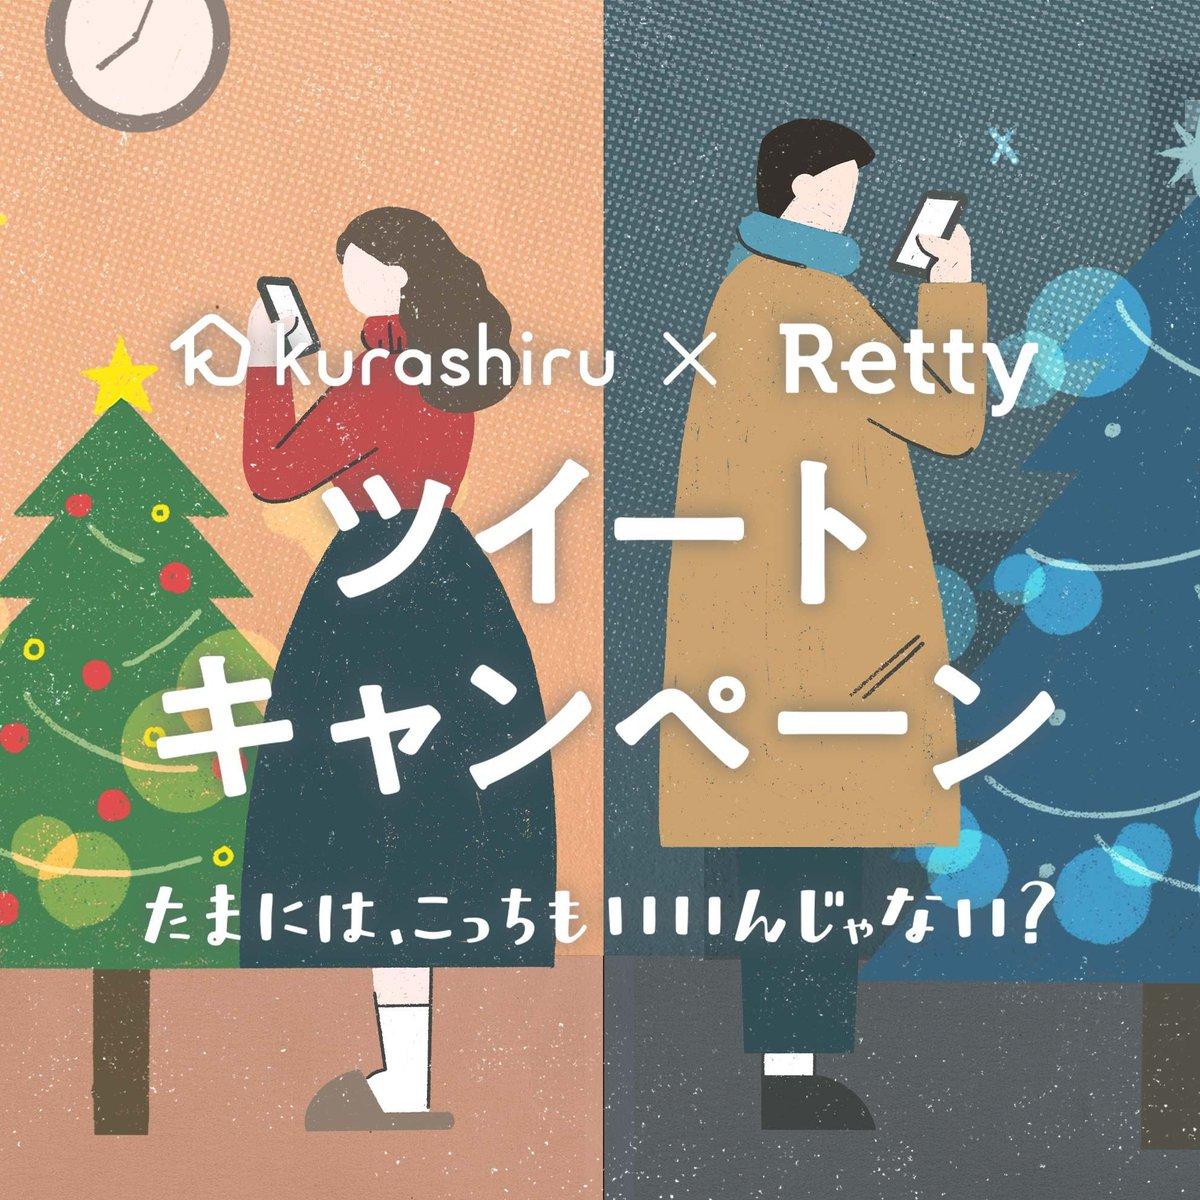 たまにはこっちもいいんじゃない?✨🎄クラシル×Rettyコラボキャンペーン🎄✨実は隠していた「こんなクリスマスを過ごしたい…」という妄想ツイートで、豪華商品をゲット🎁#たまにはこっちもいいんじゃない と#私はおうちで or #私はお店で をつけてツイート